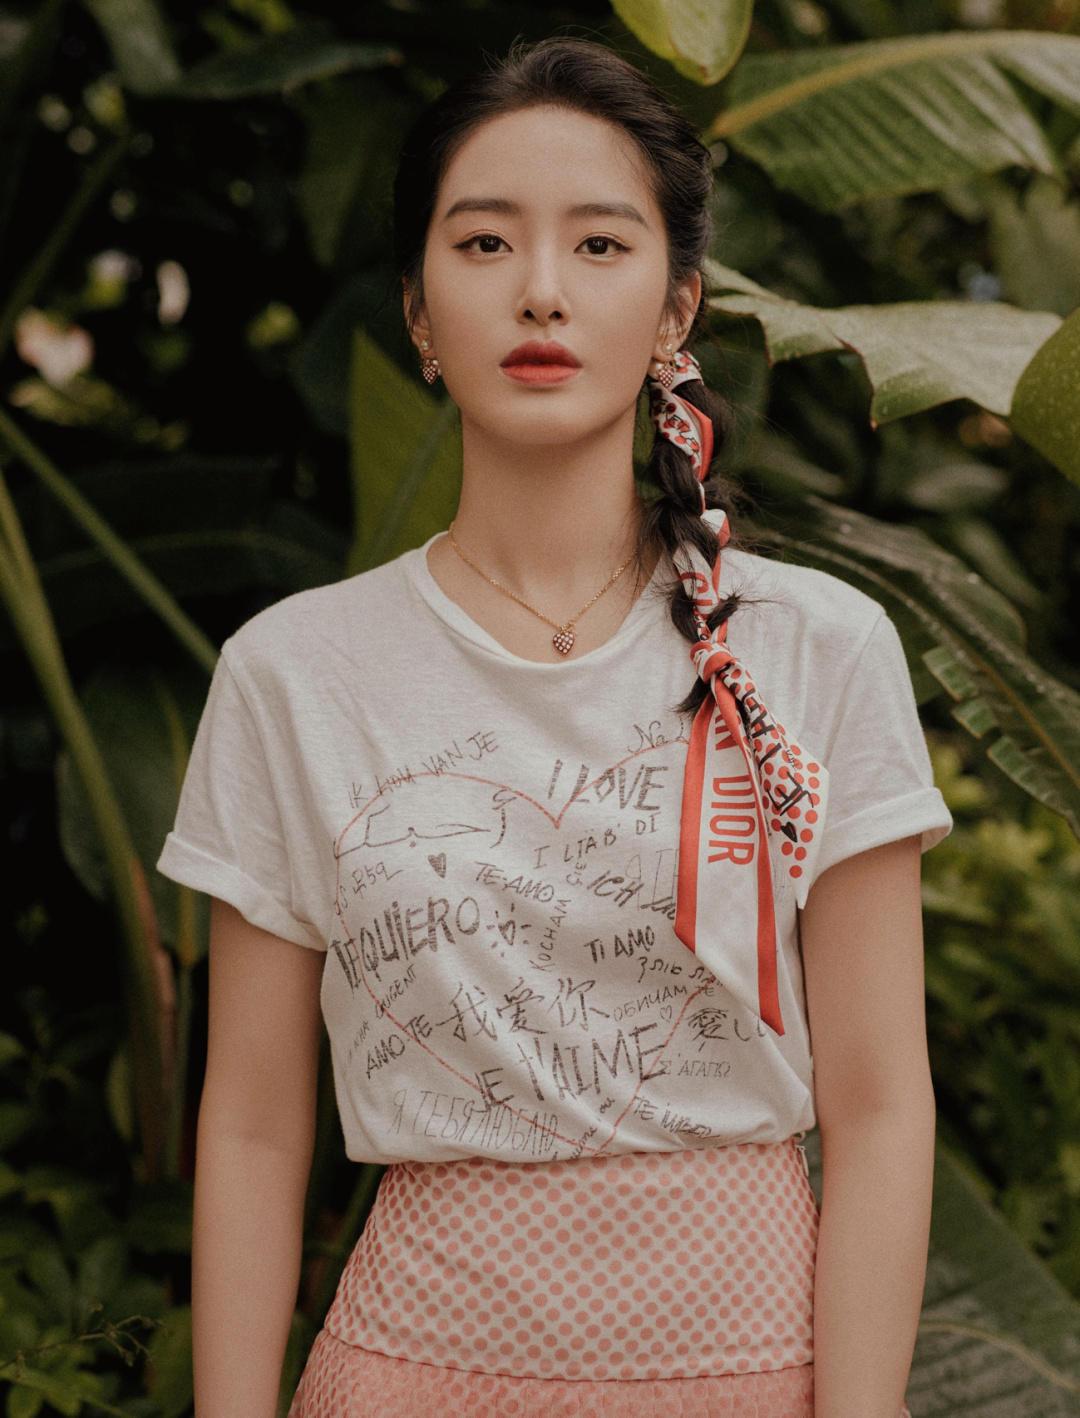 袁咏仪又现佛系穿搭,印花丝巾配白T恤,完全不像年过半百的模样